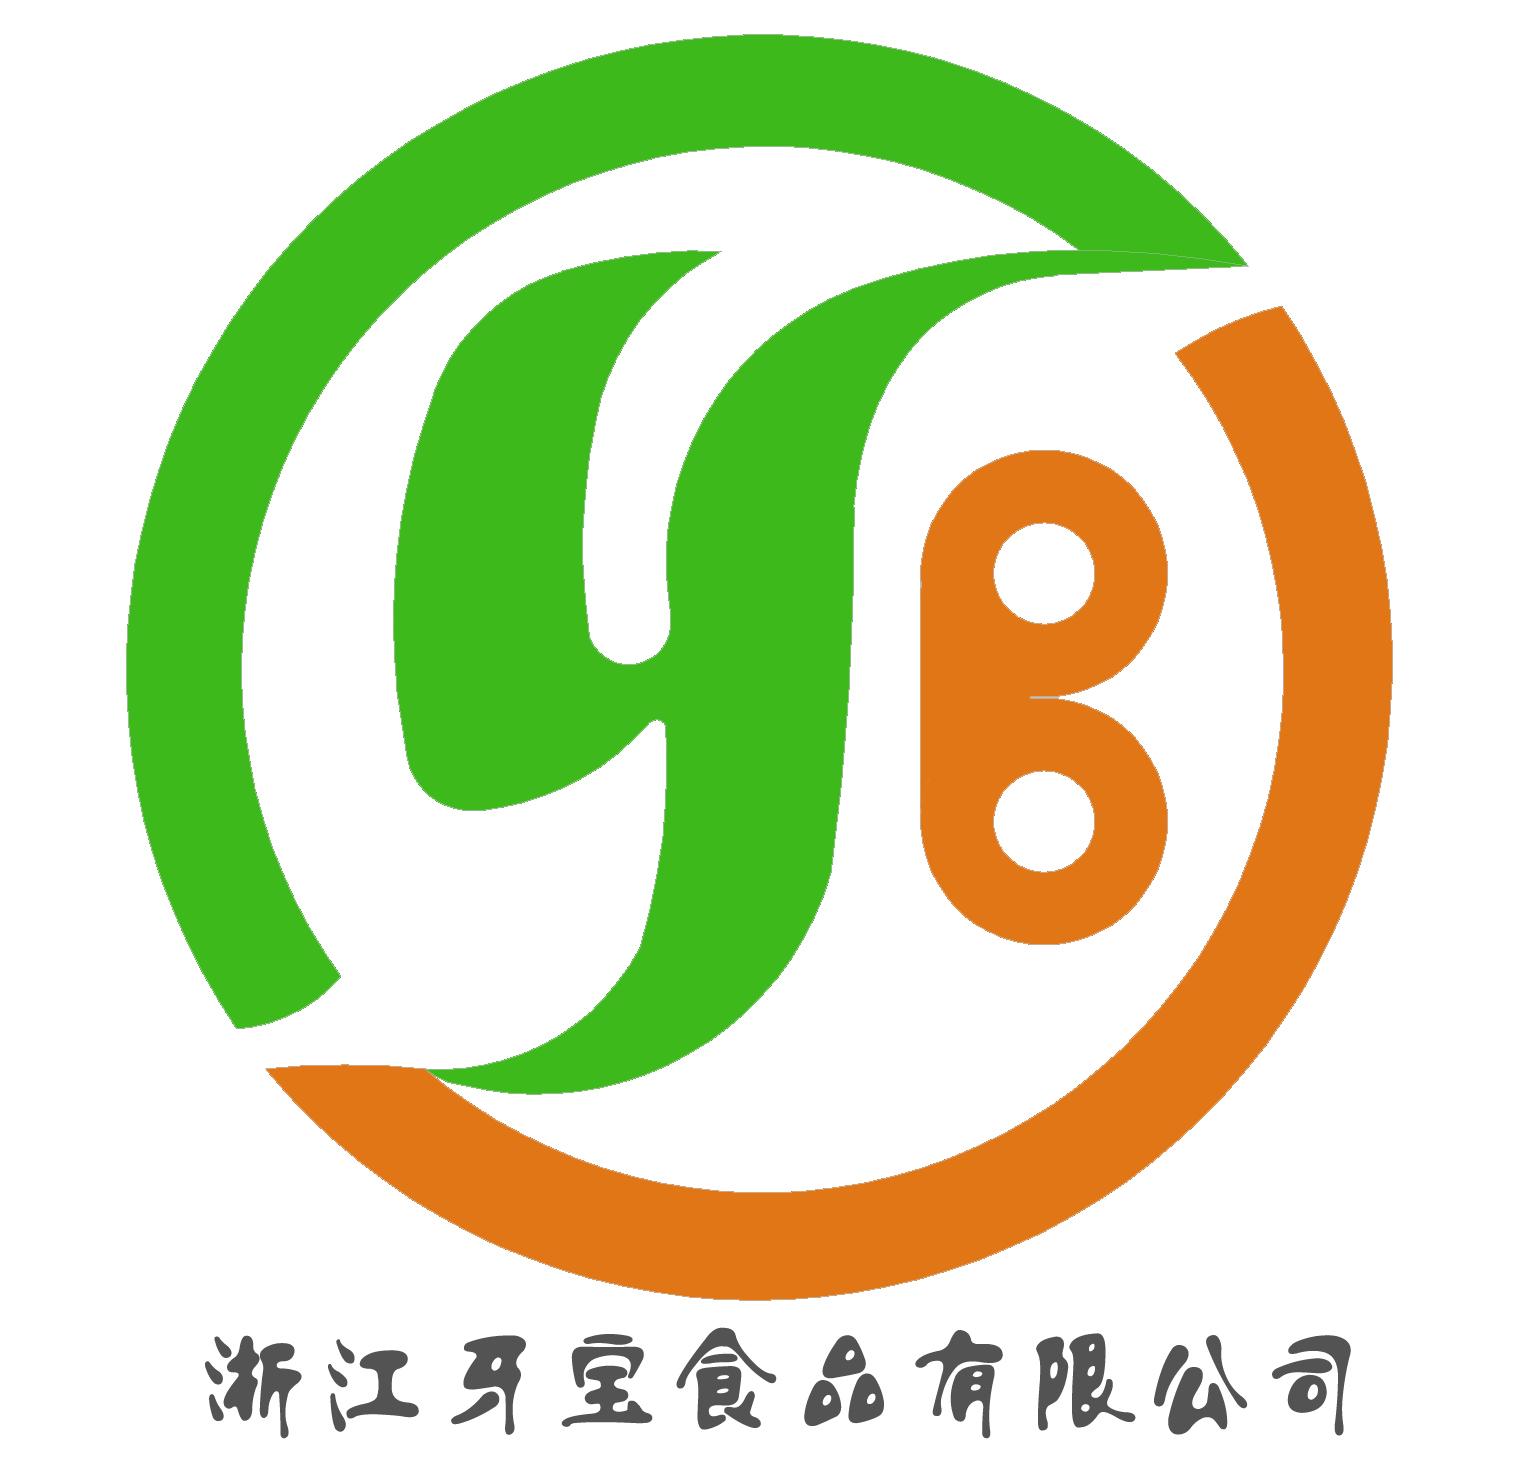 牙宝食品logo设计